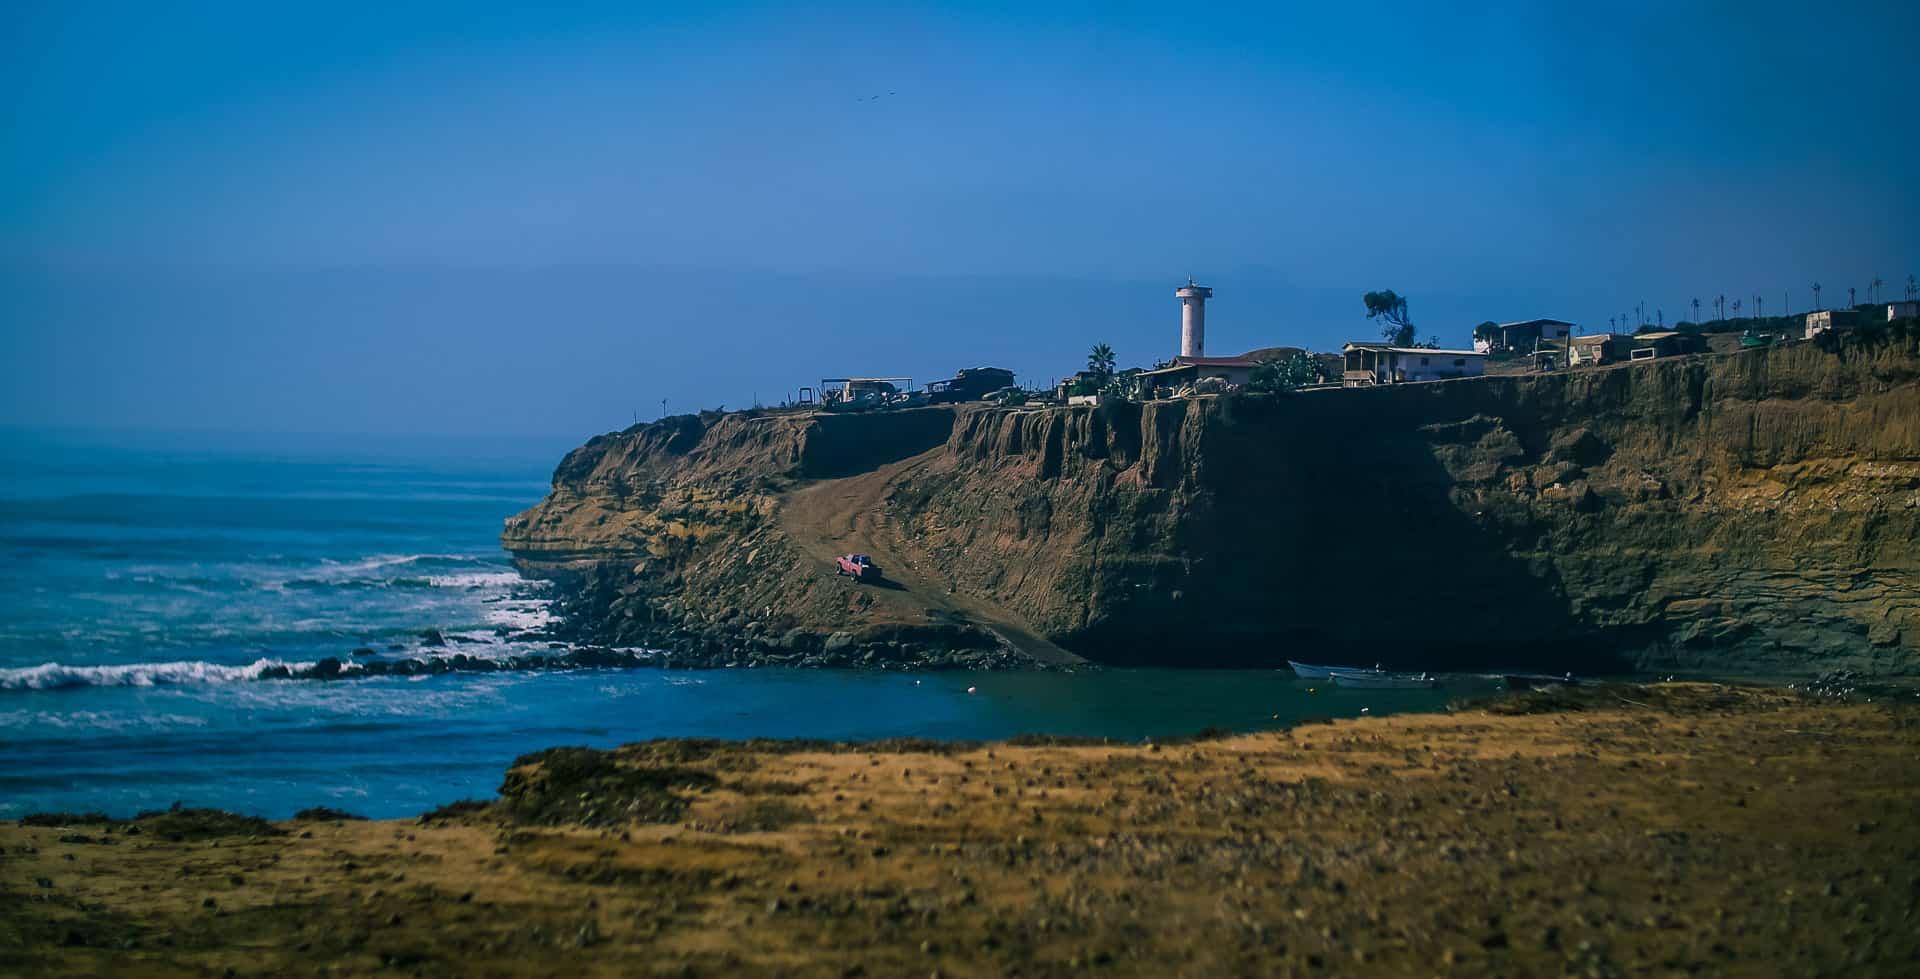 Lighthouse Punta San José